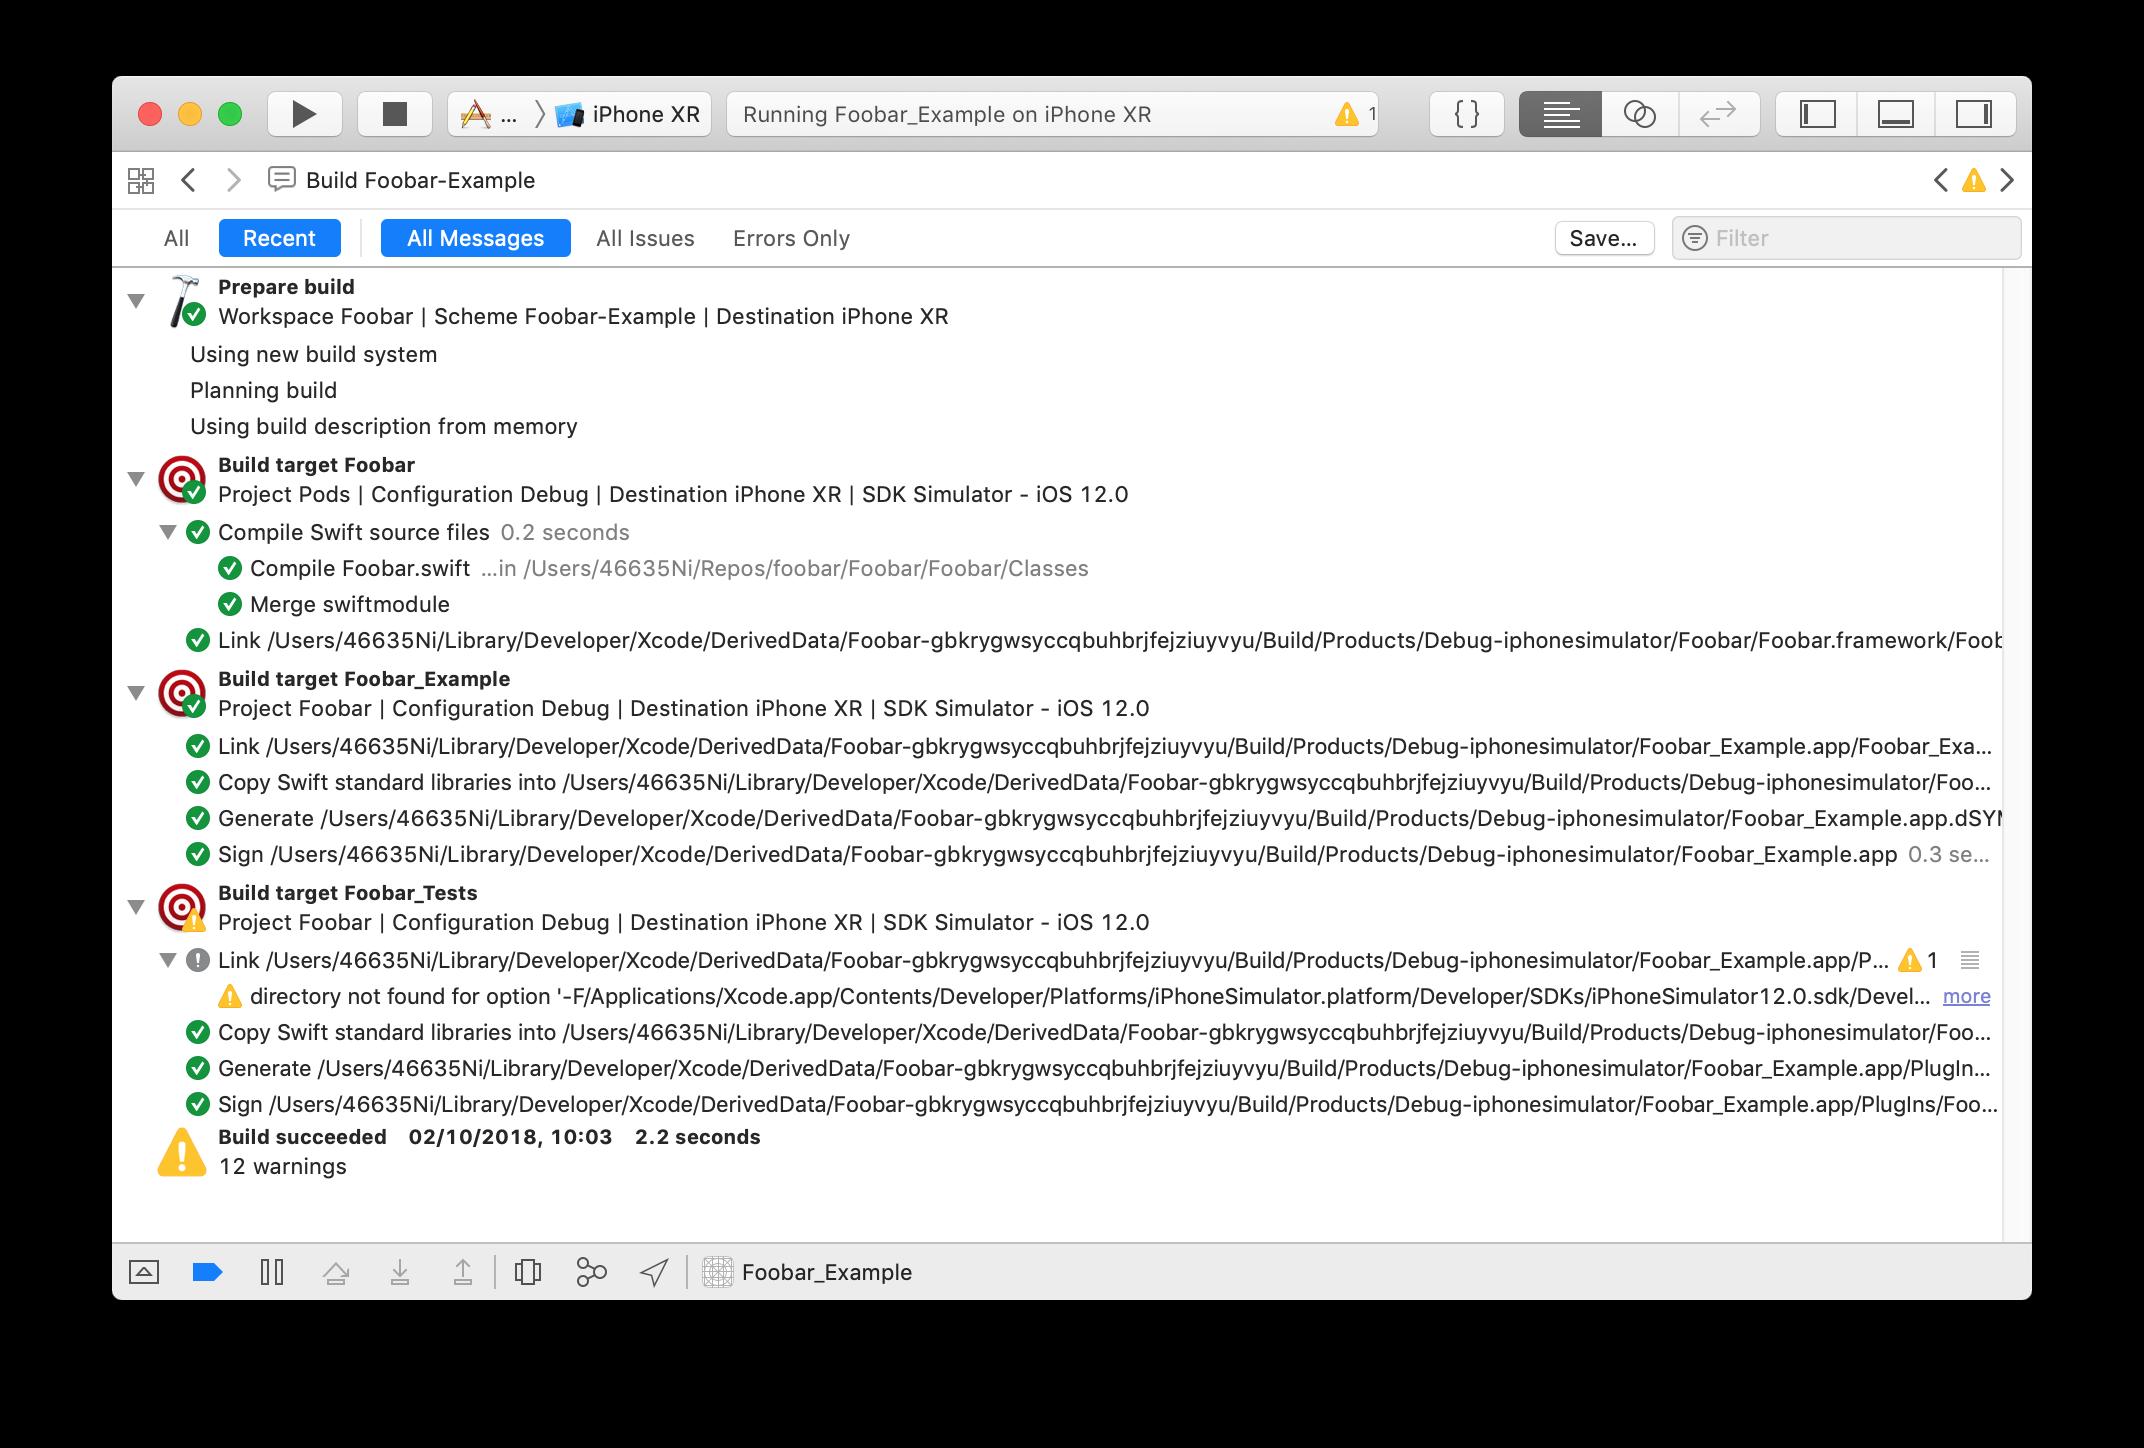 screenshot 2018-10-02 at 10 04 28